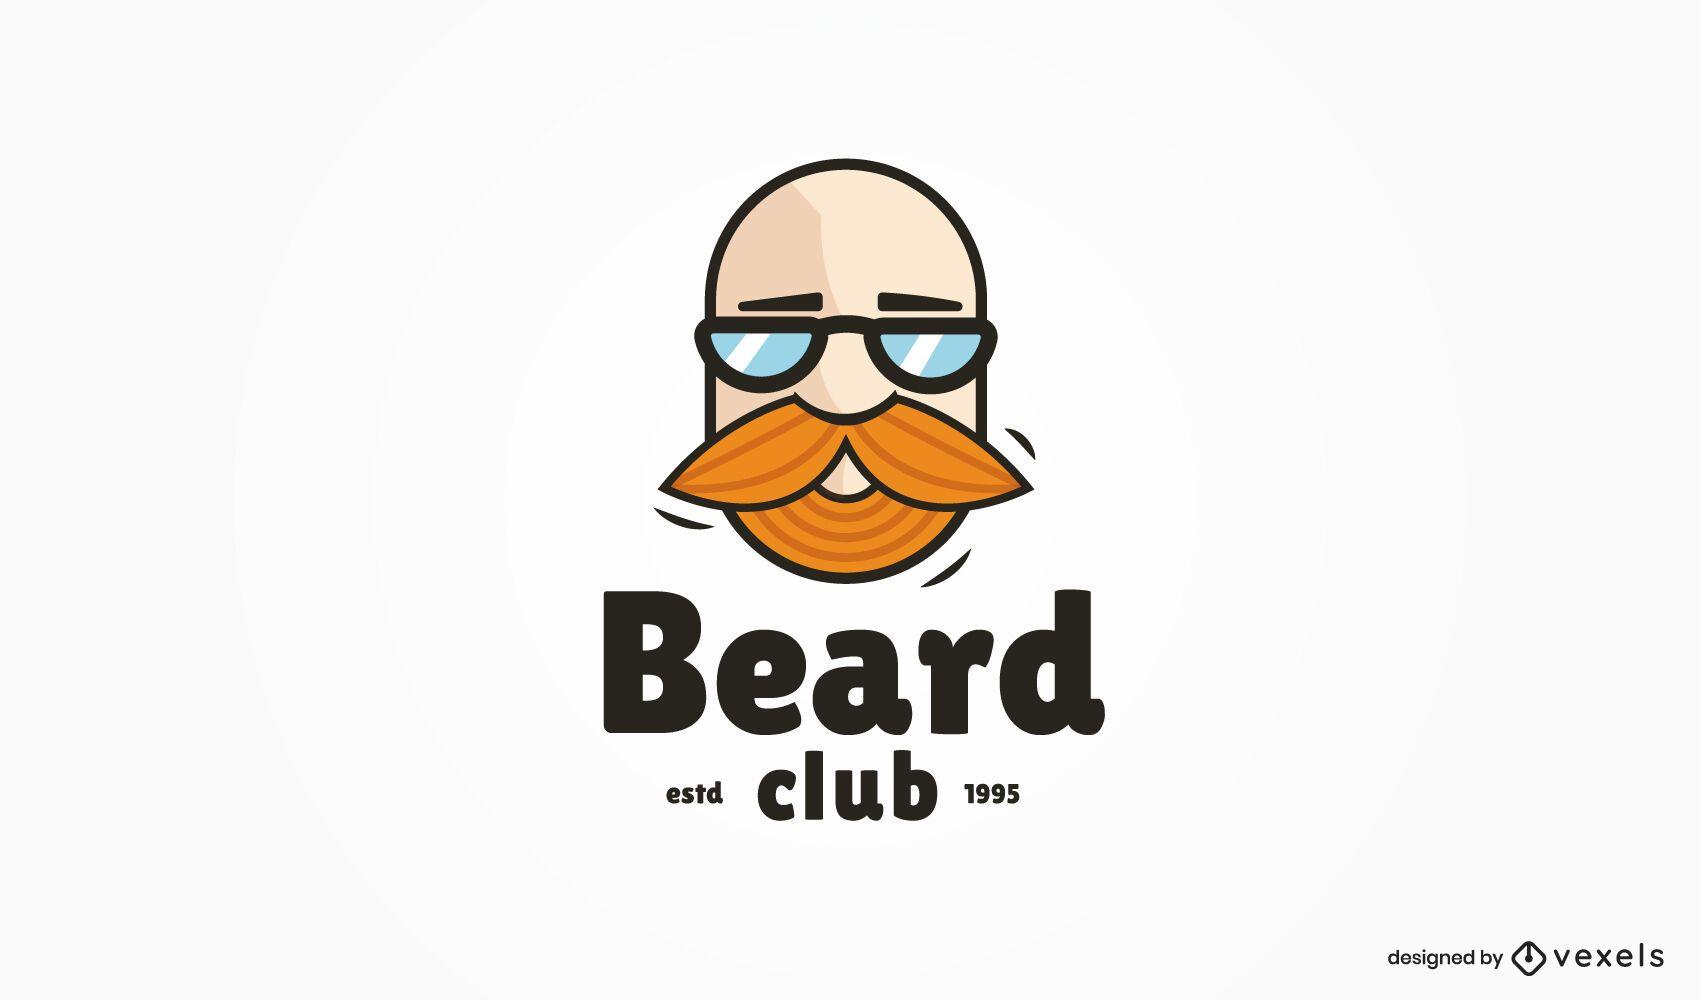 Modelo de logotipo do Beard Club